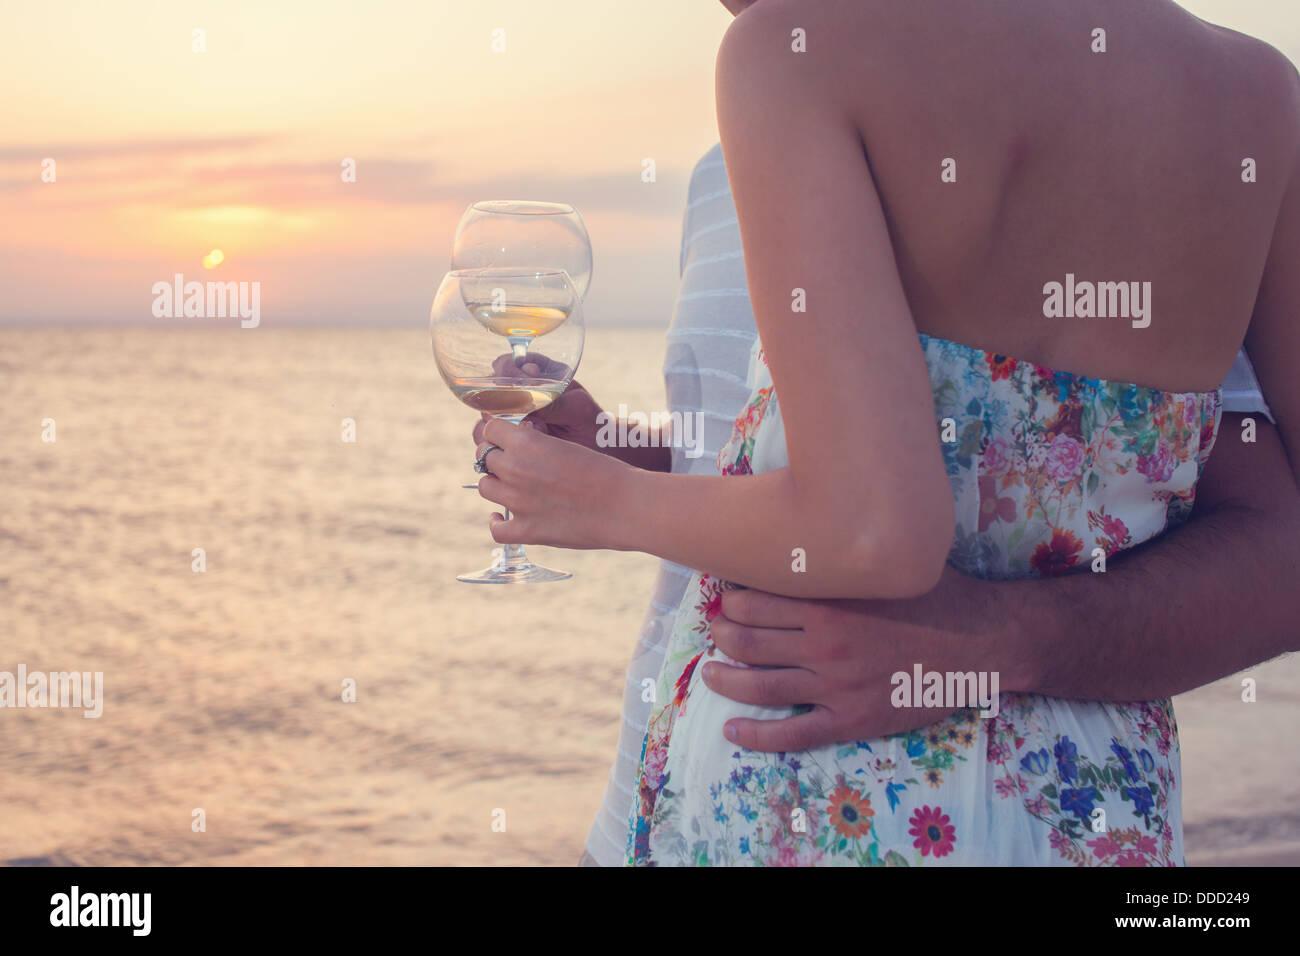 Nahaufnahme von Gläsern mit Weißwein bei Sonnenuntergang am Strand. Paar auf Picknick. Stockbild